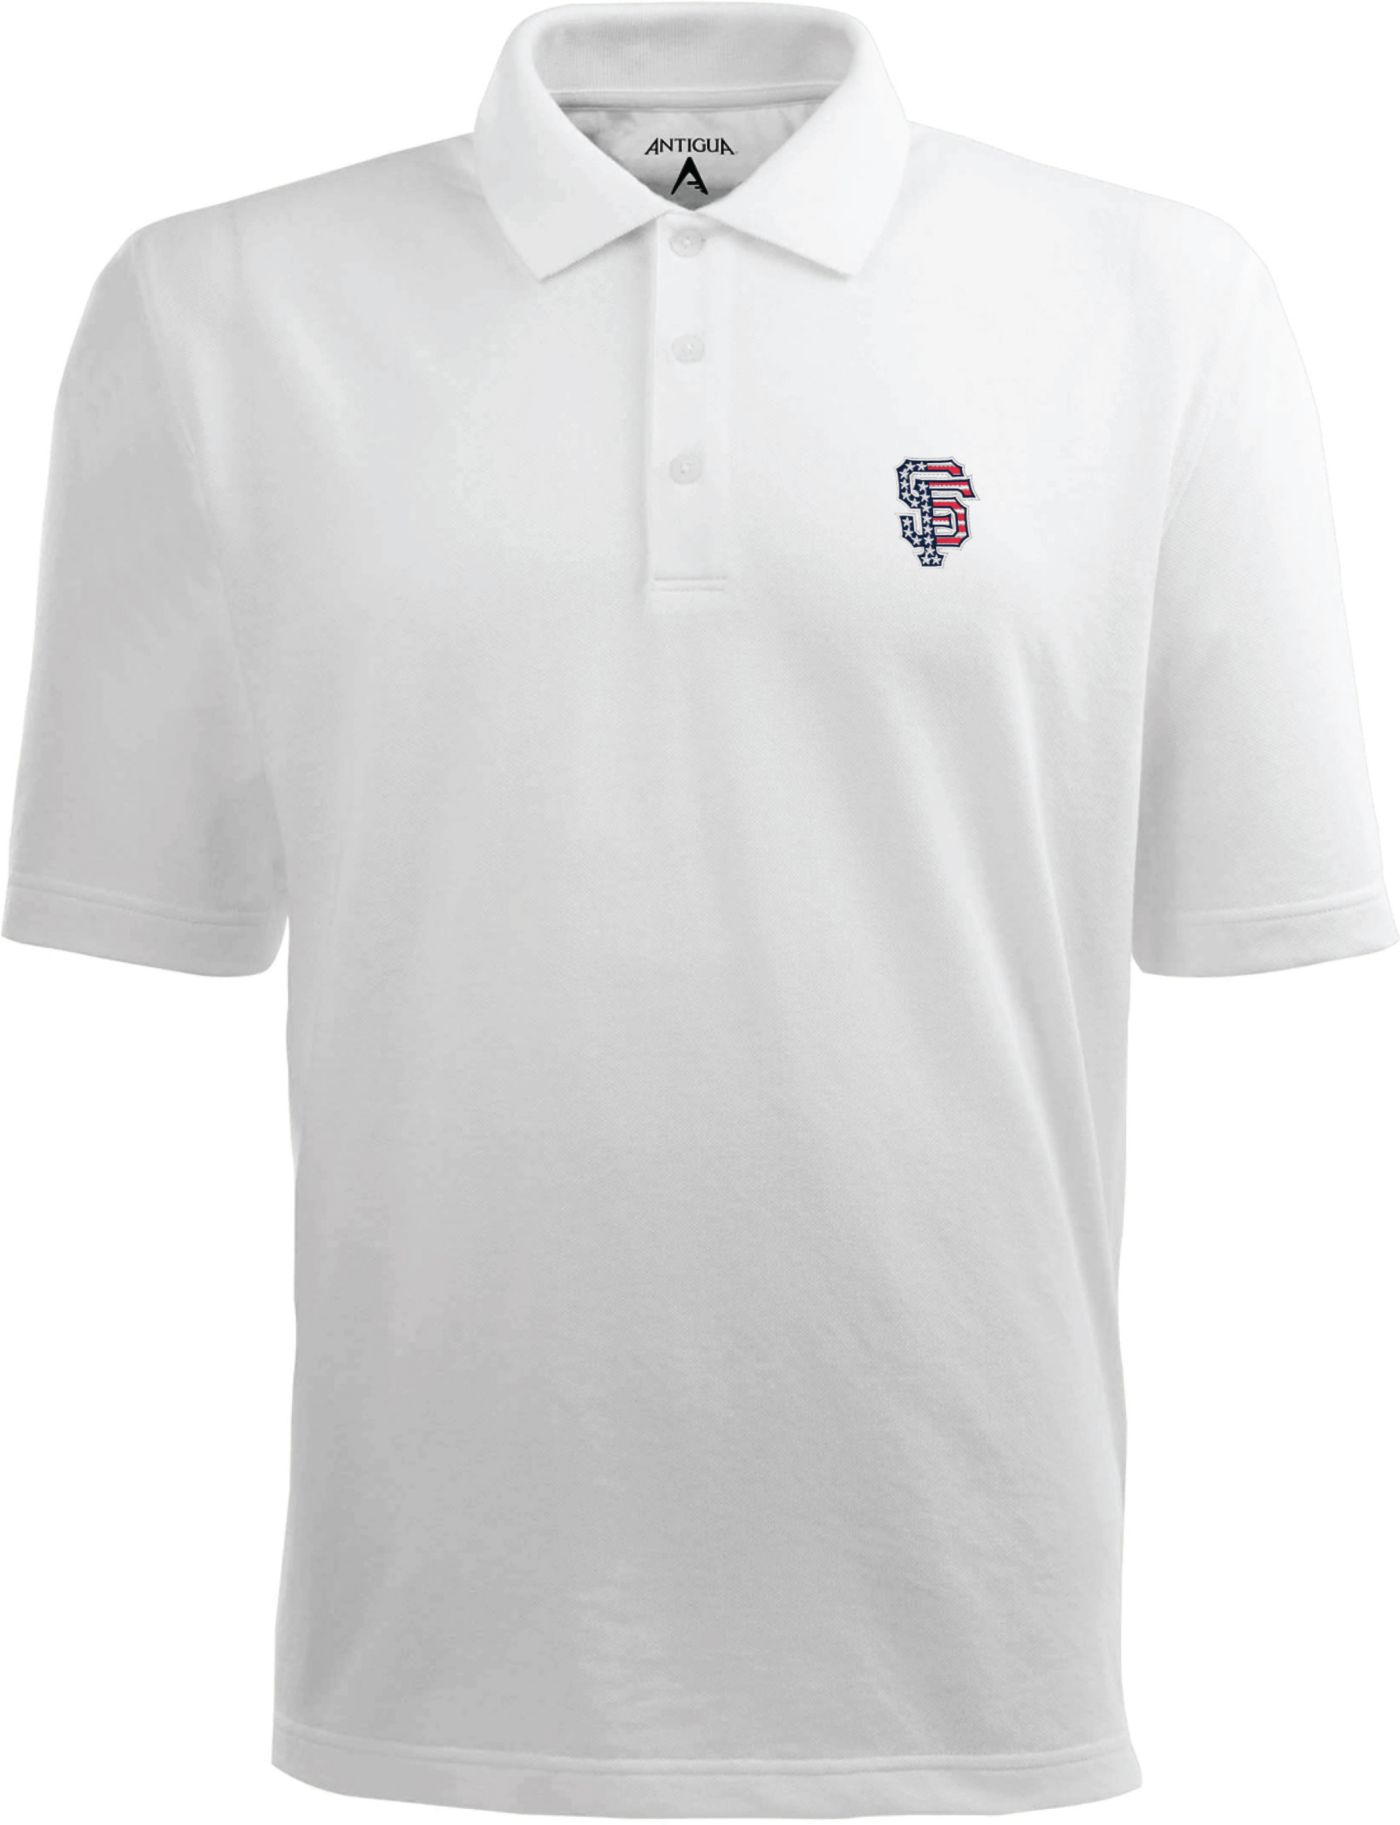 Antigua Men's San Francisco Giants Xtra-Lite Patriotic Logo White Pique Performance Polo